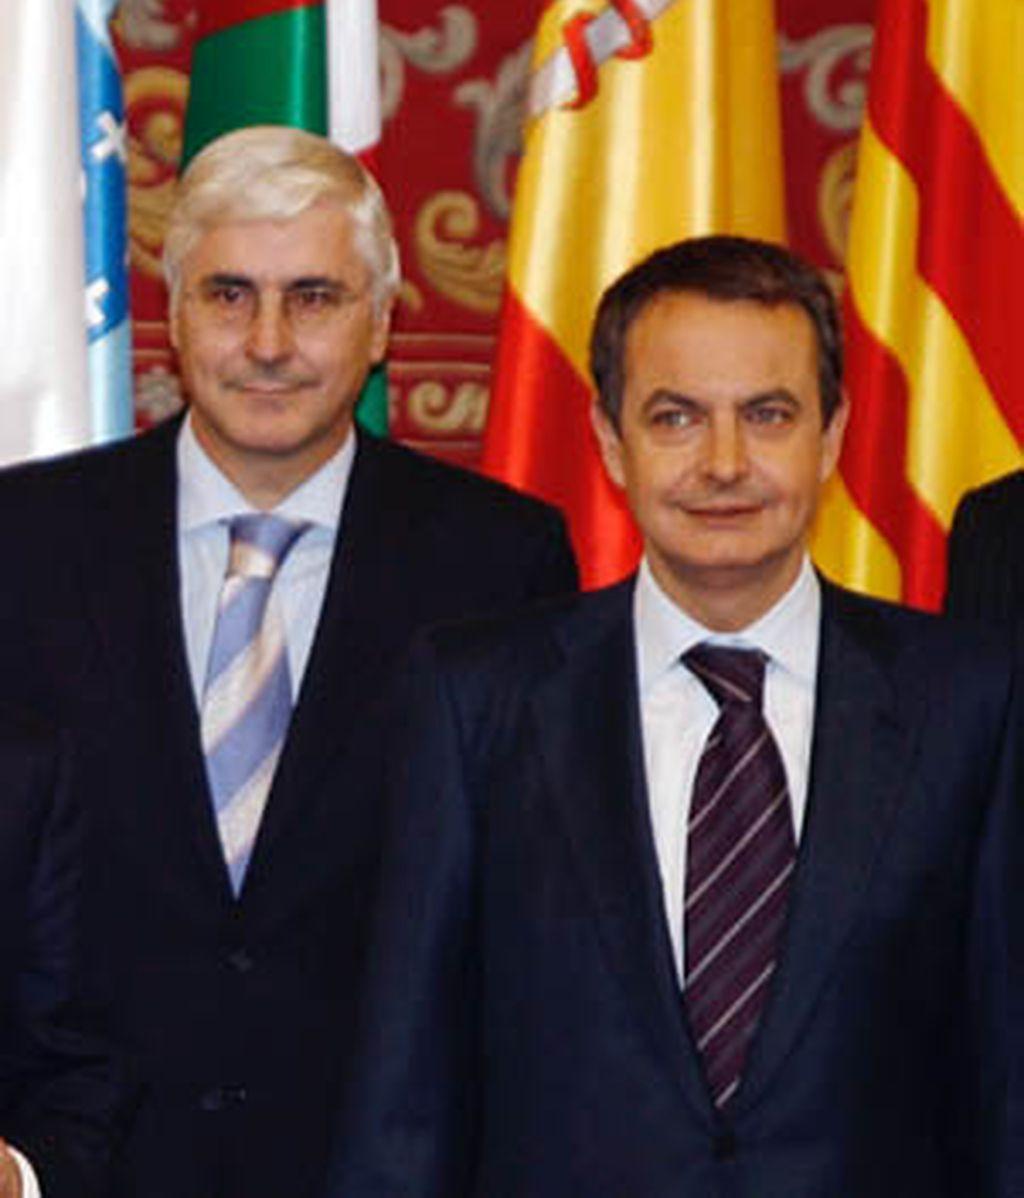 """Barreda justifica su recomendación de cambios en el Gobierno porque es """"leal y sincero"""" a Zapatero"""